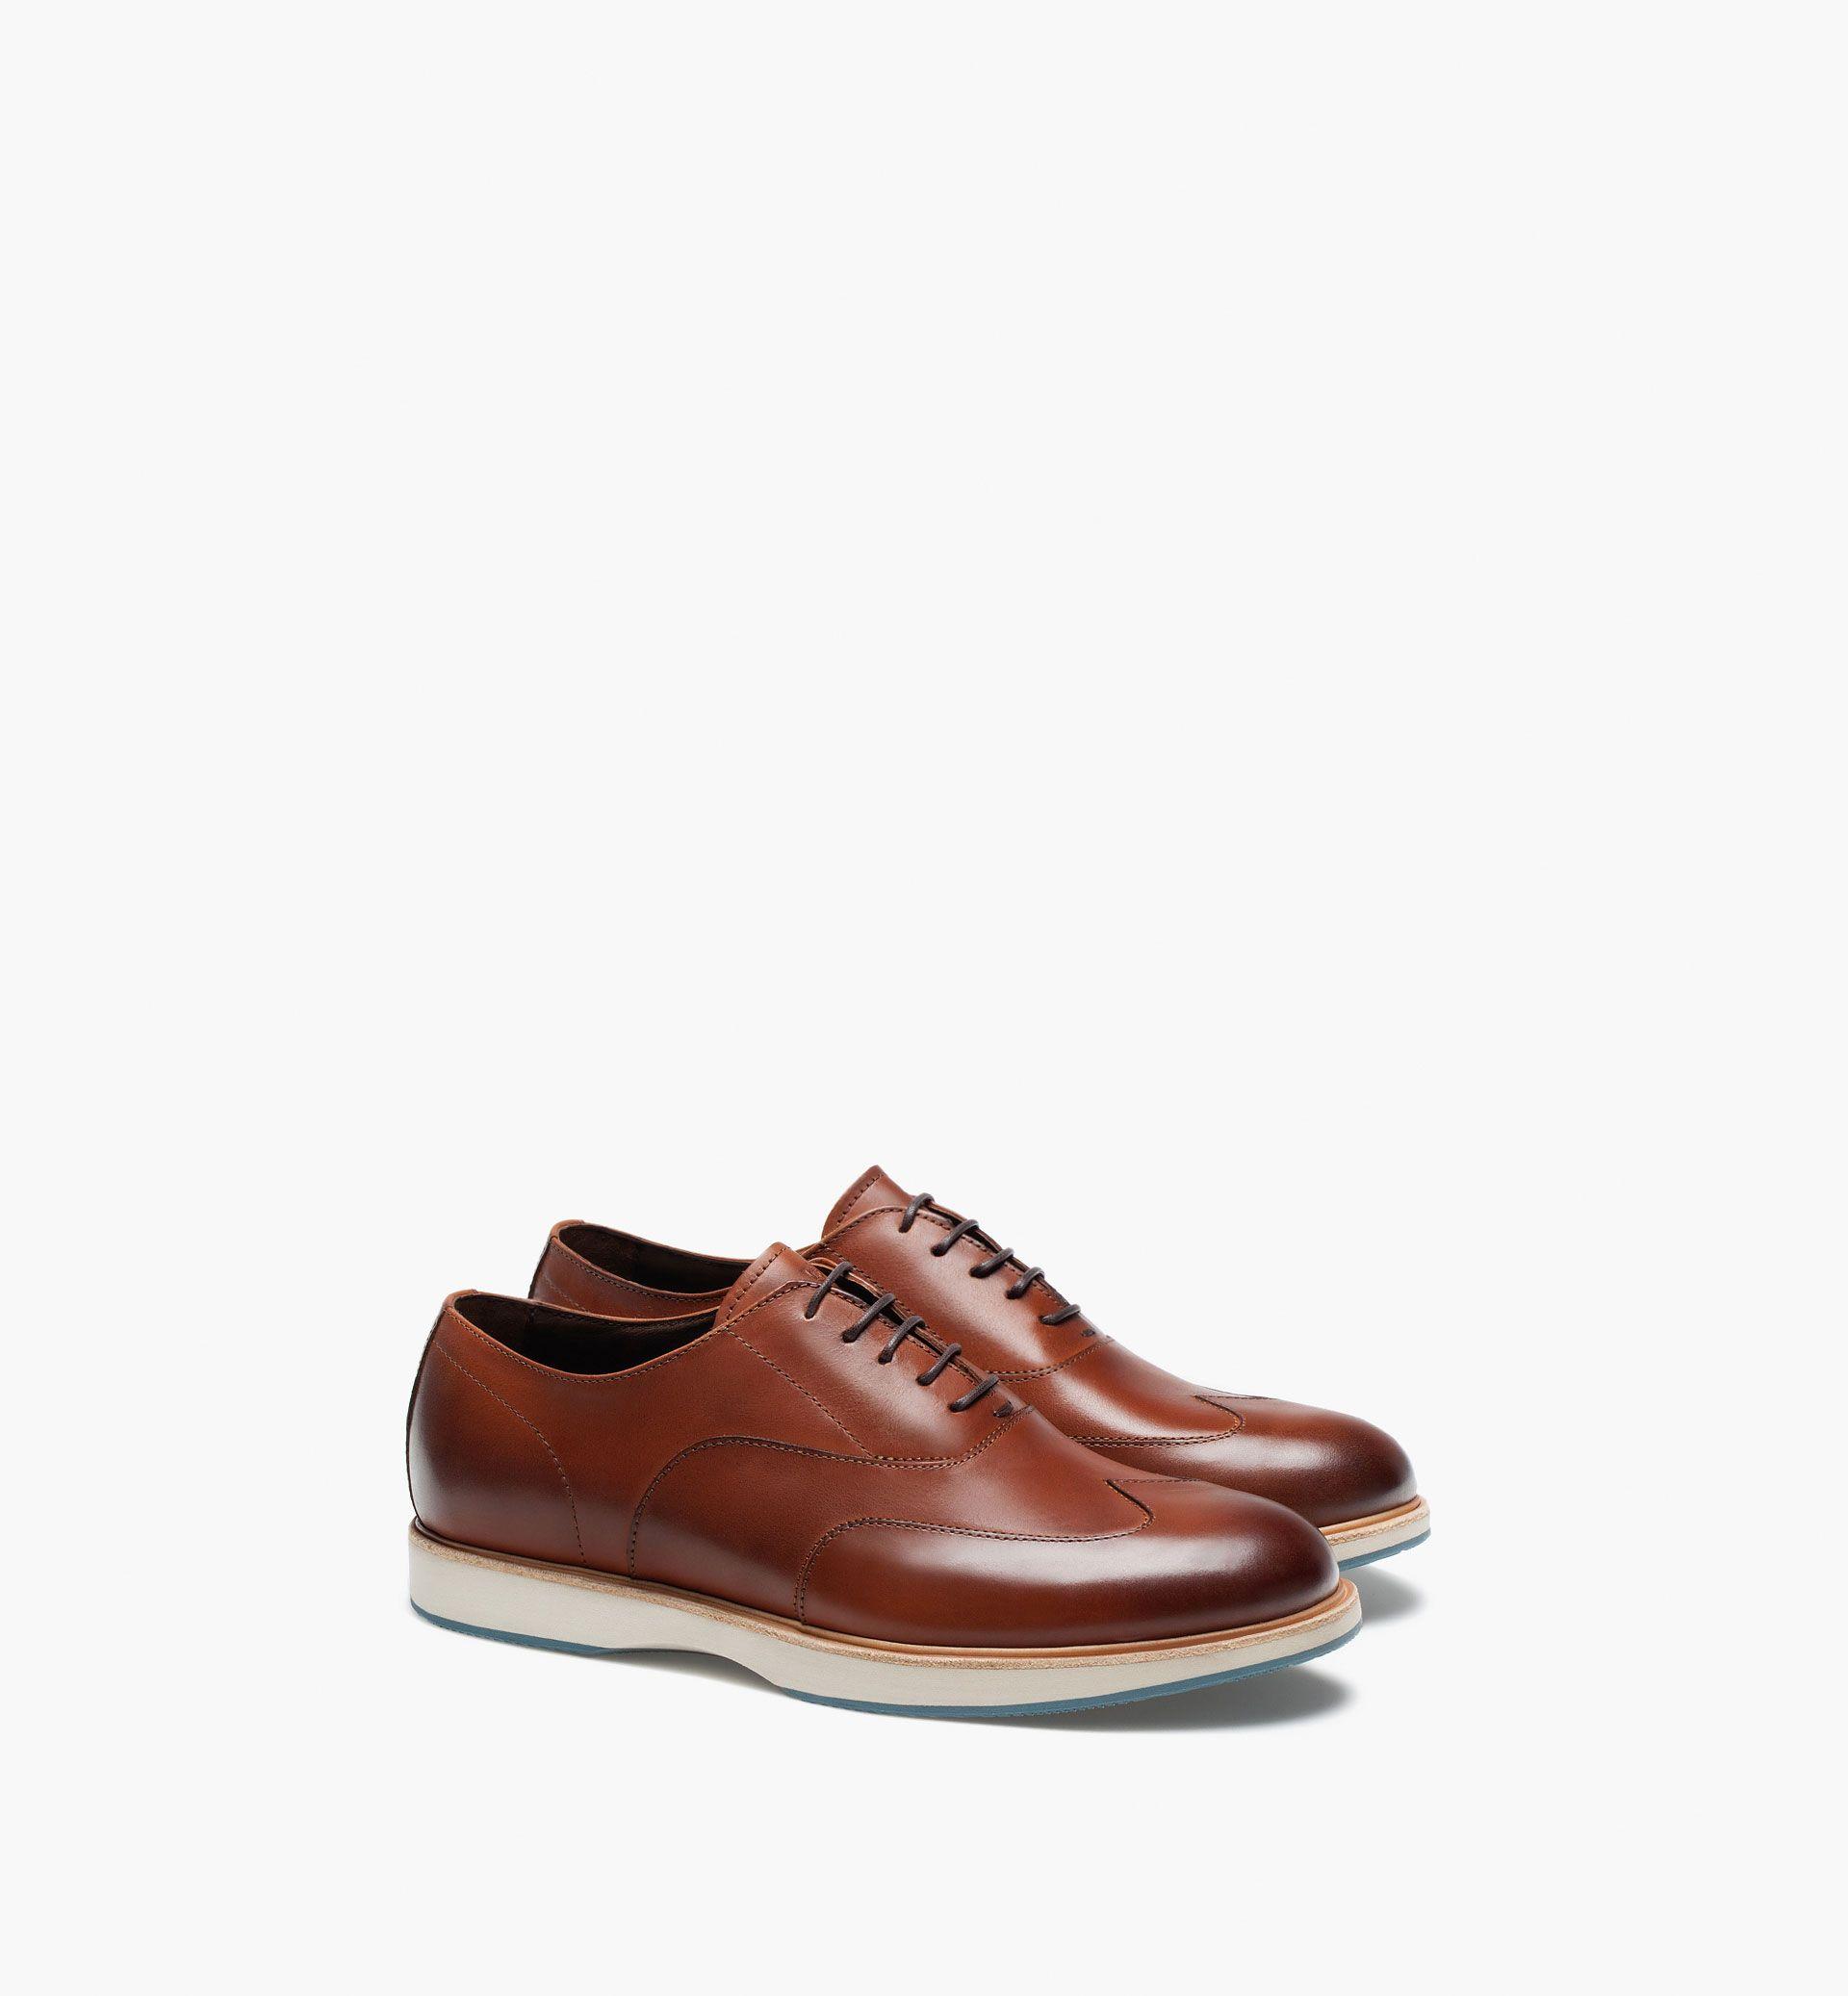 Mit Englische 2019 Schuhe In Kombinierter Sohle GjMVpqSLUz